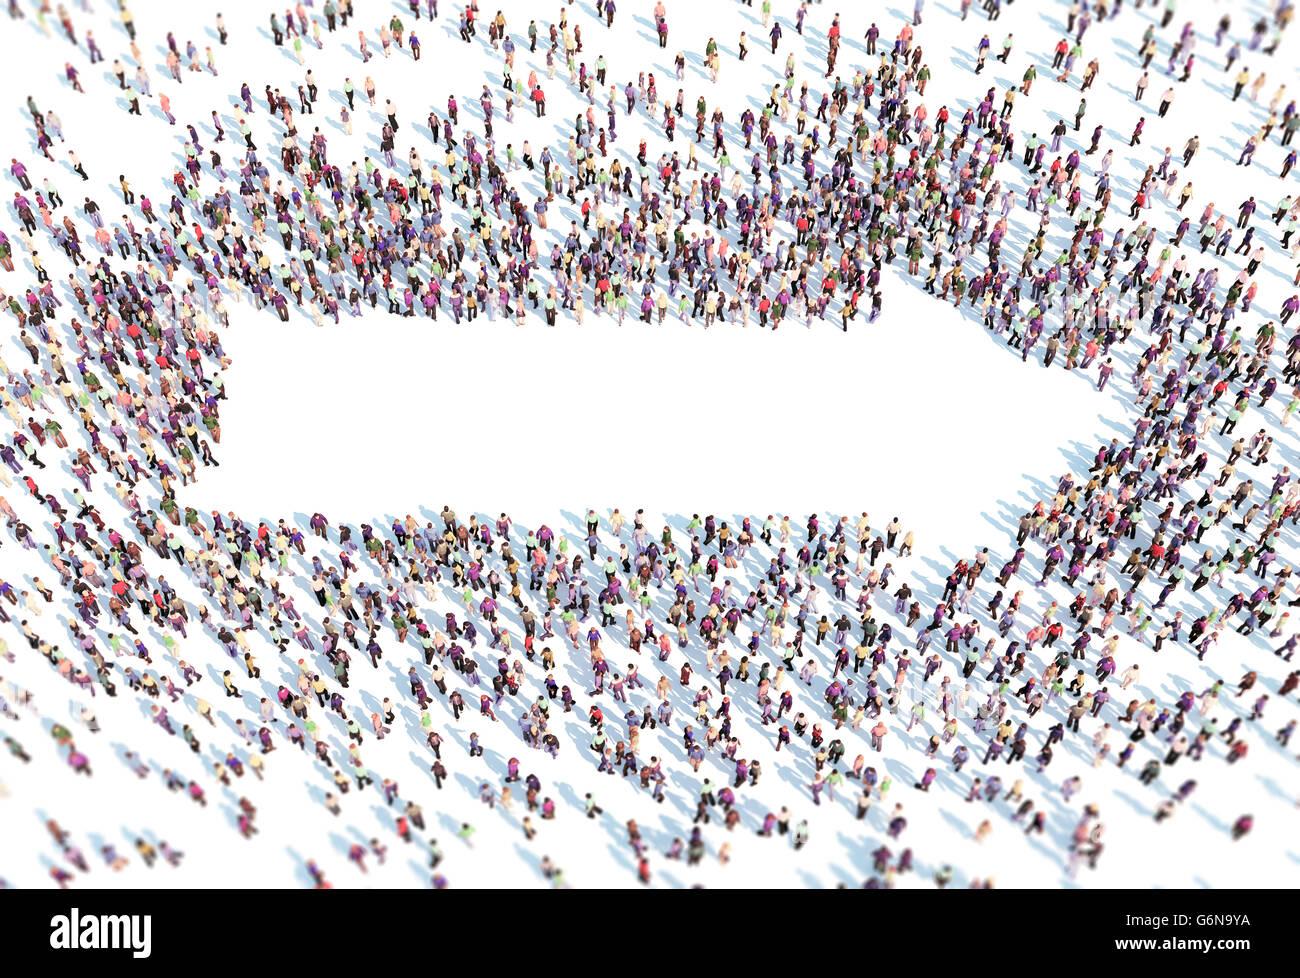 Un folto gruppo di persone formando un simbolo a freccia - 3D illustrazione Immagini Stock